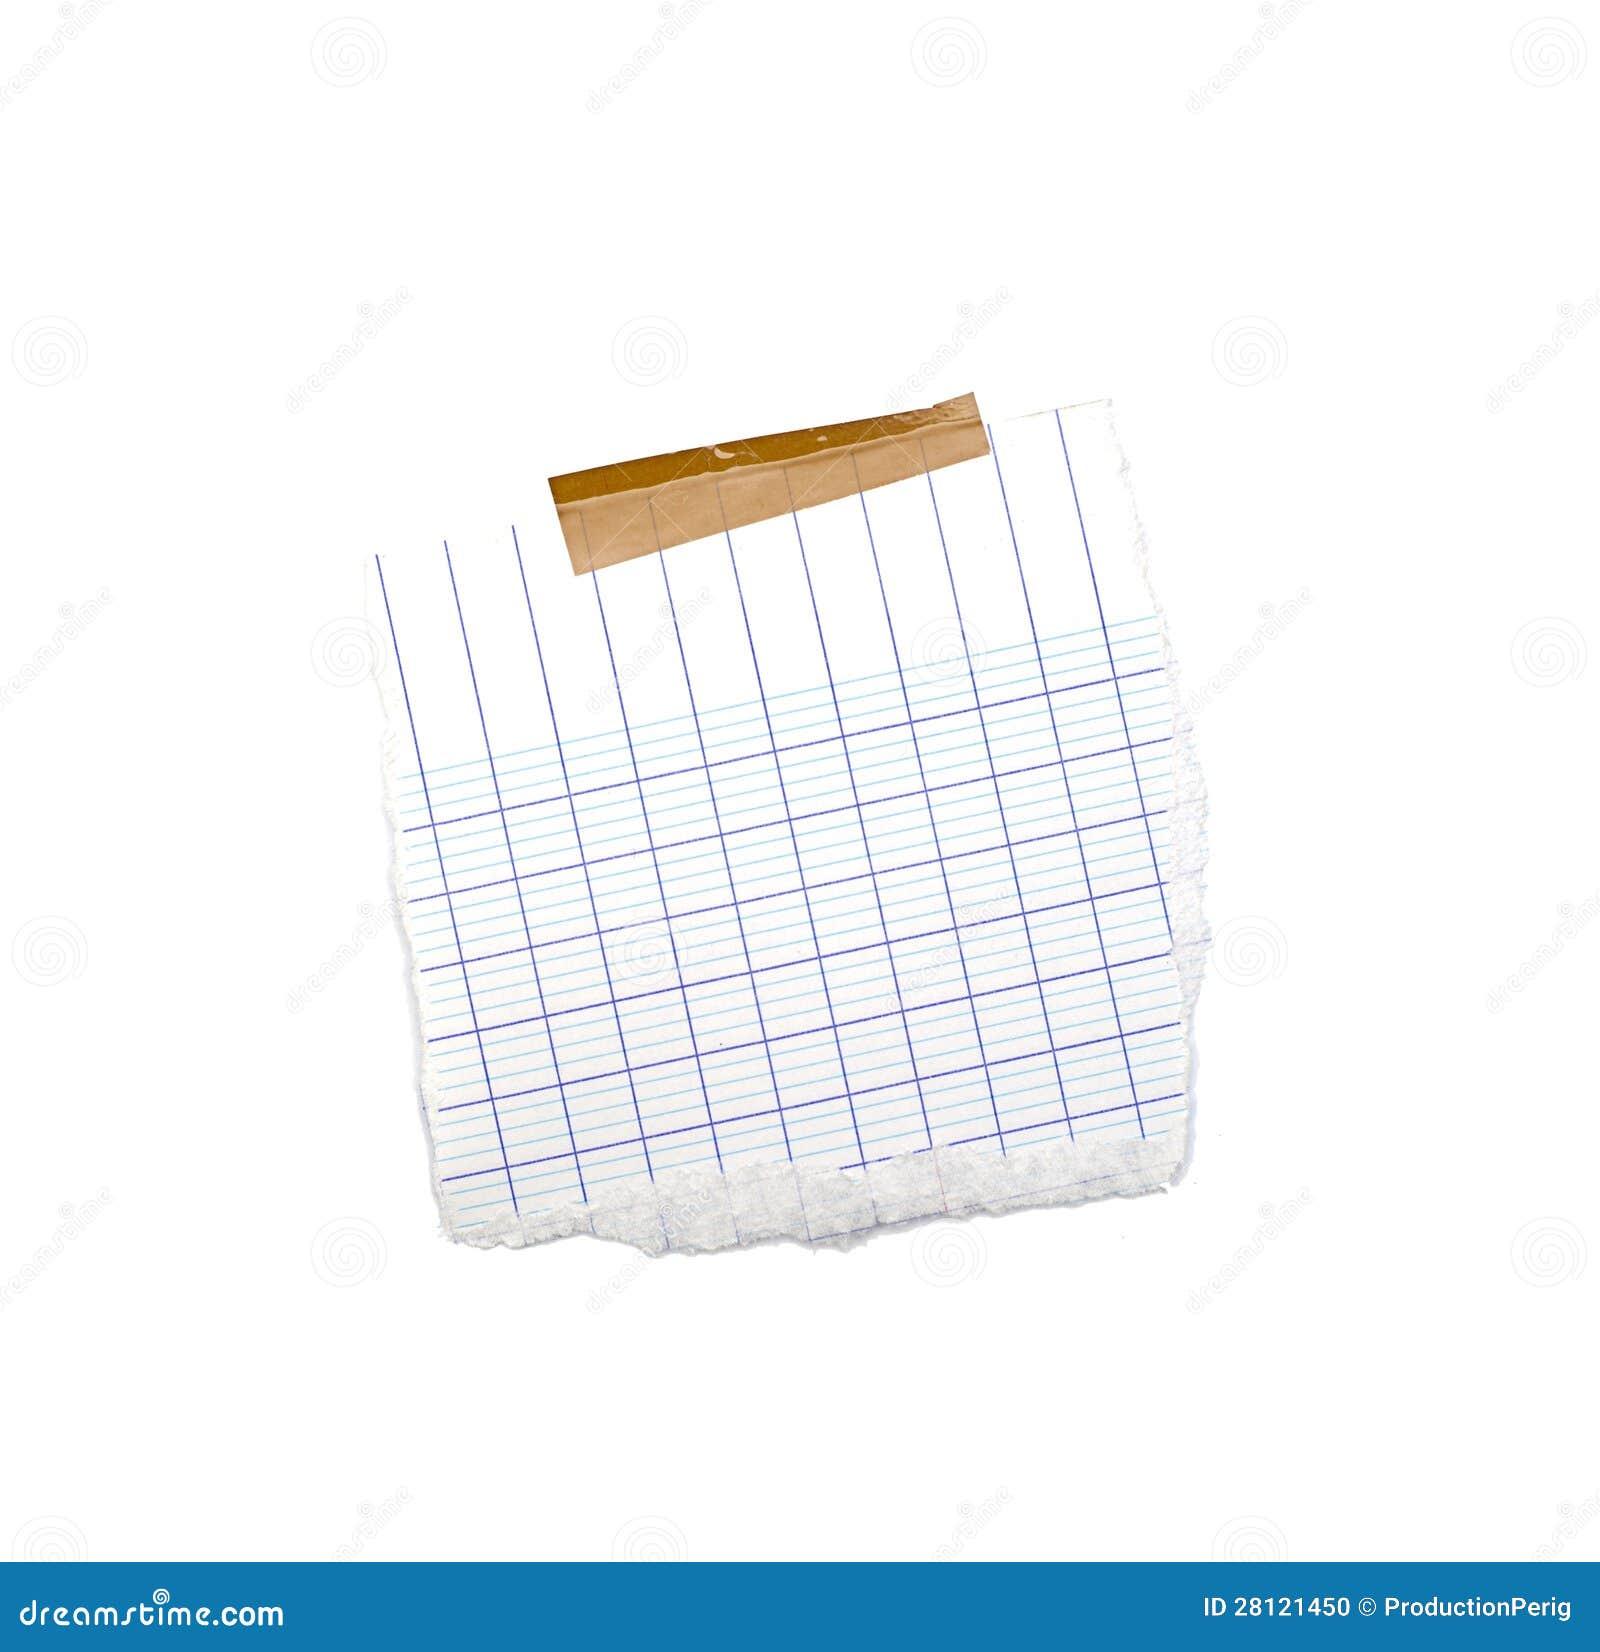 Pouco pedaço de papel guardarado por um adesivo